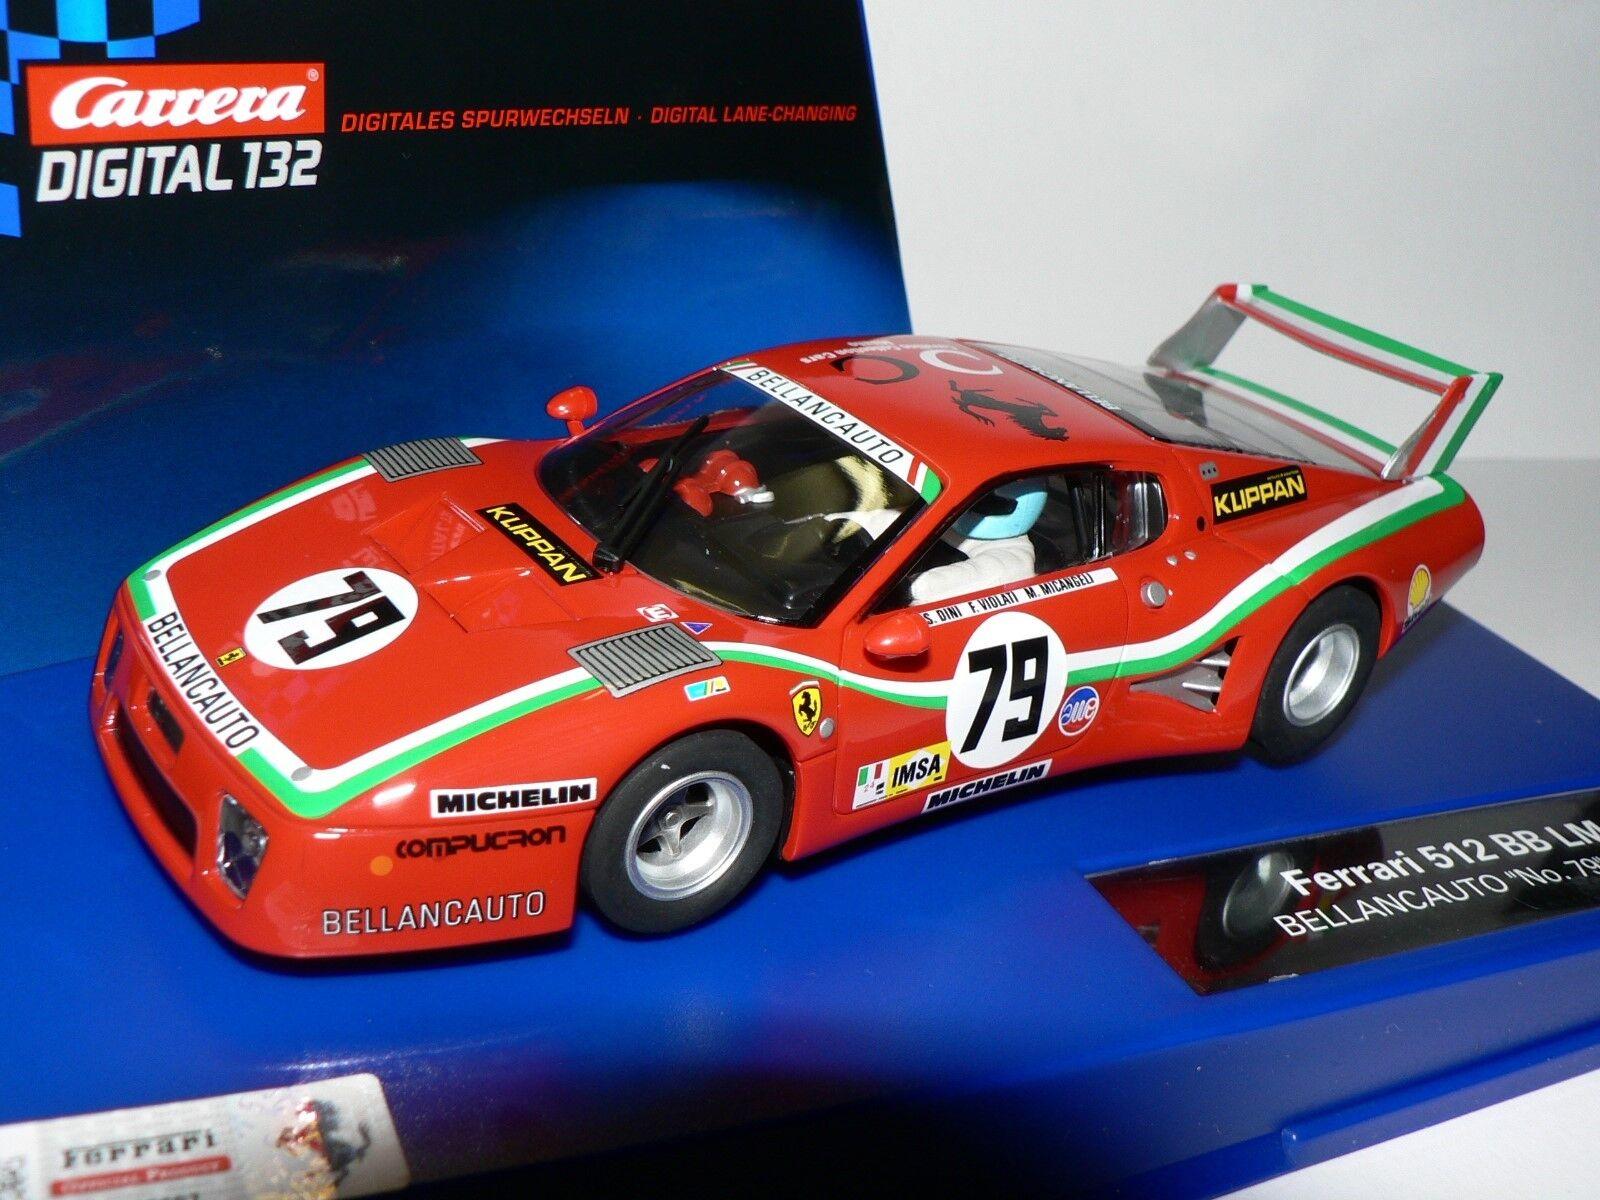 Carrera Digital132 30577 Ferrari Ferrari Ferrari 512 BB LM Bellancauto No. 79 1980   NEU 1c41bd